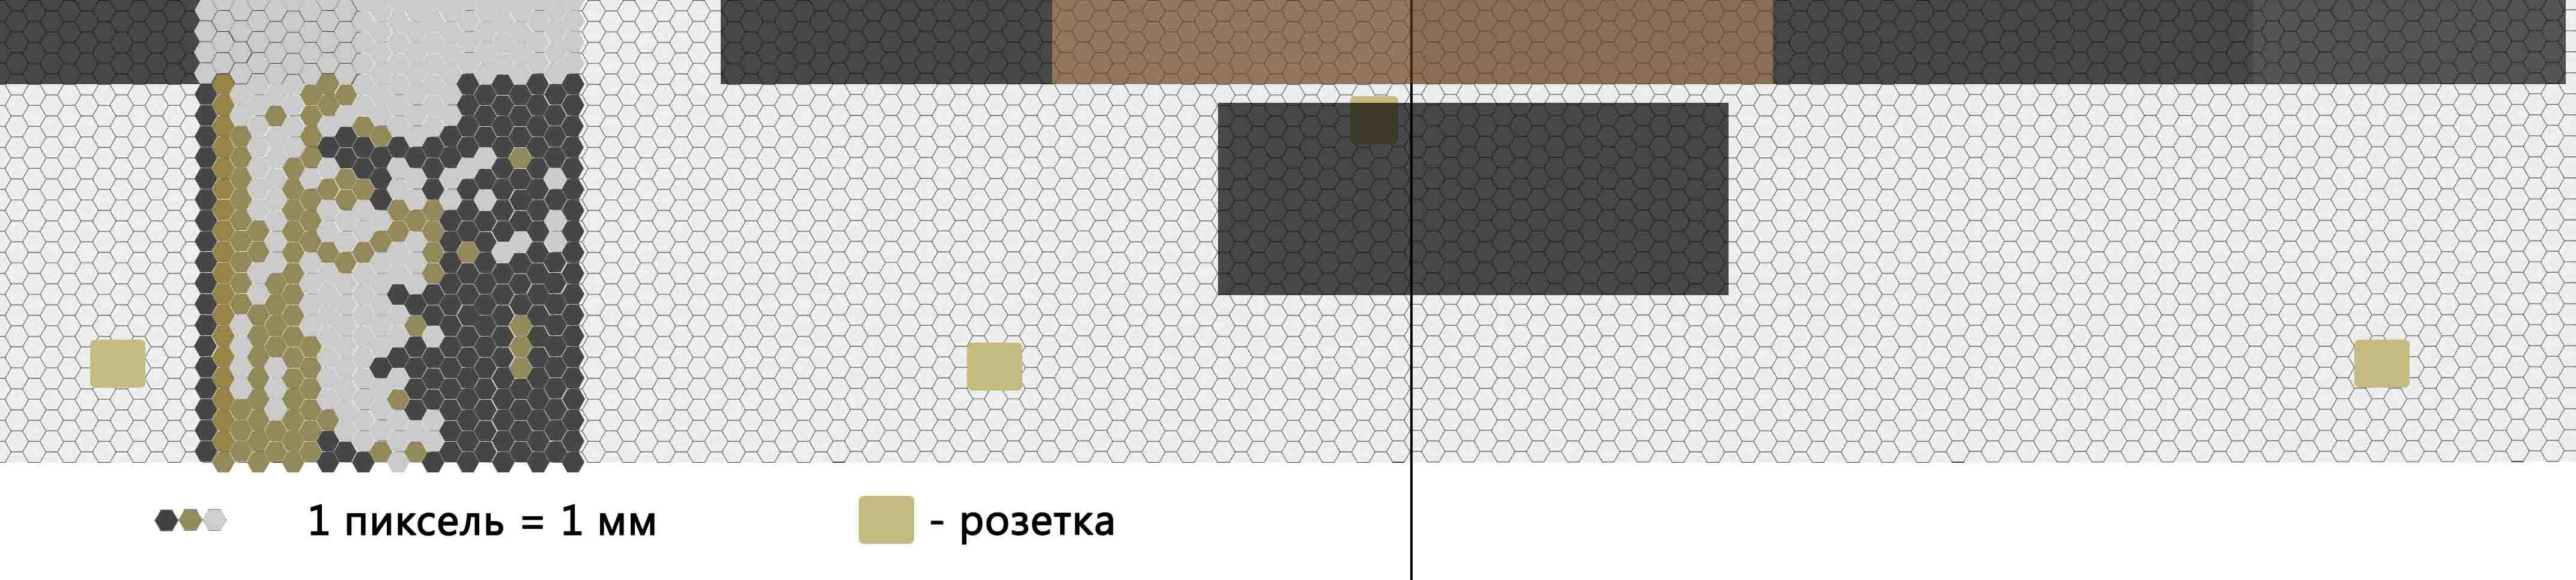 Дизайн кухонного фартука гексагональным пиксель-артом фото f_0465e2b5991995d0.jpg